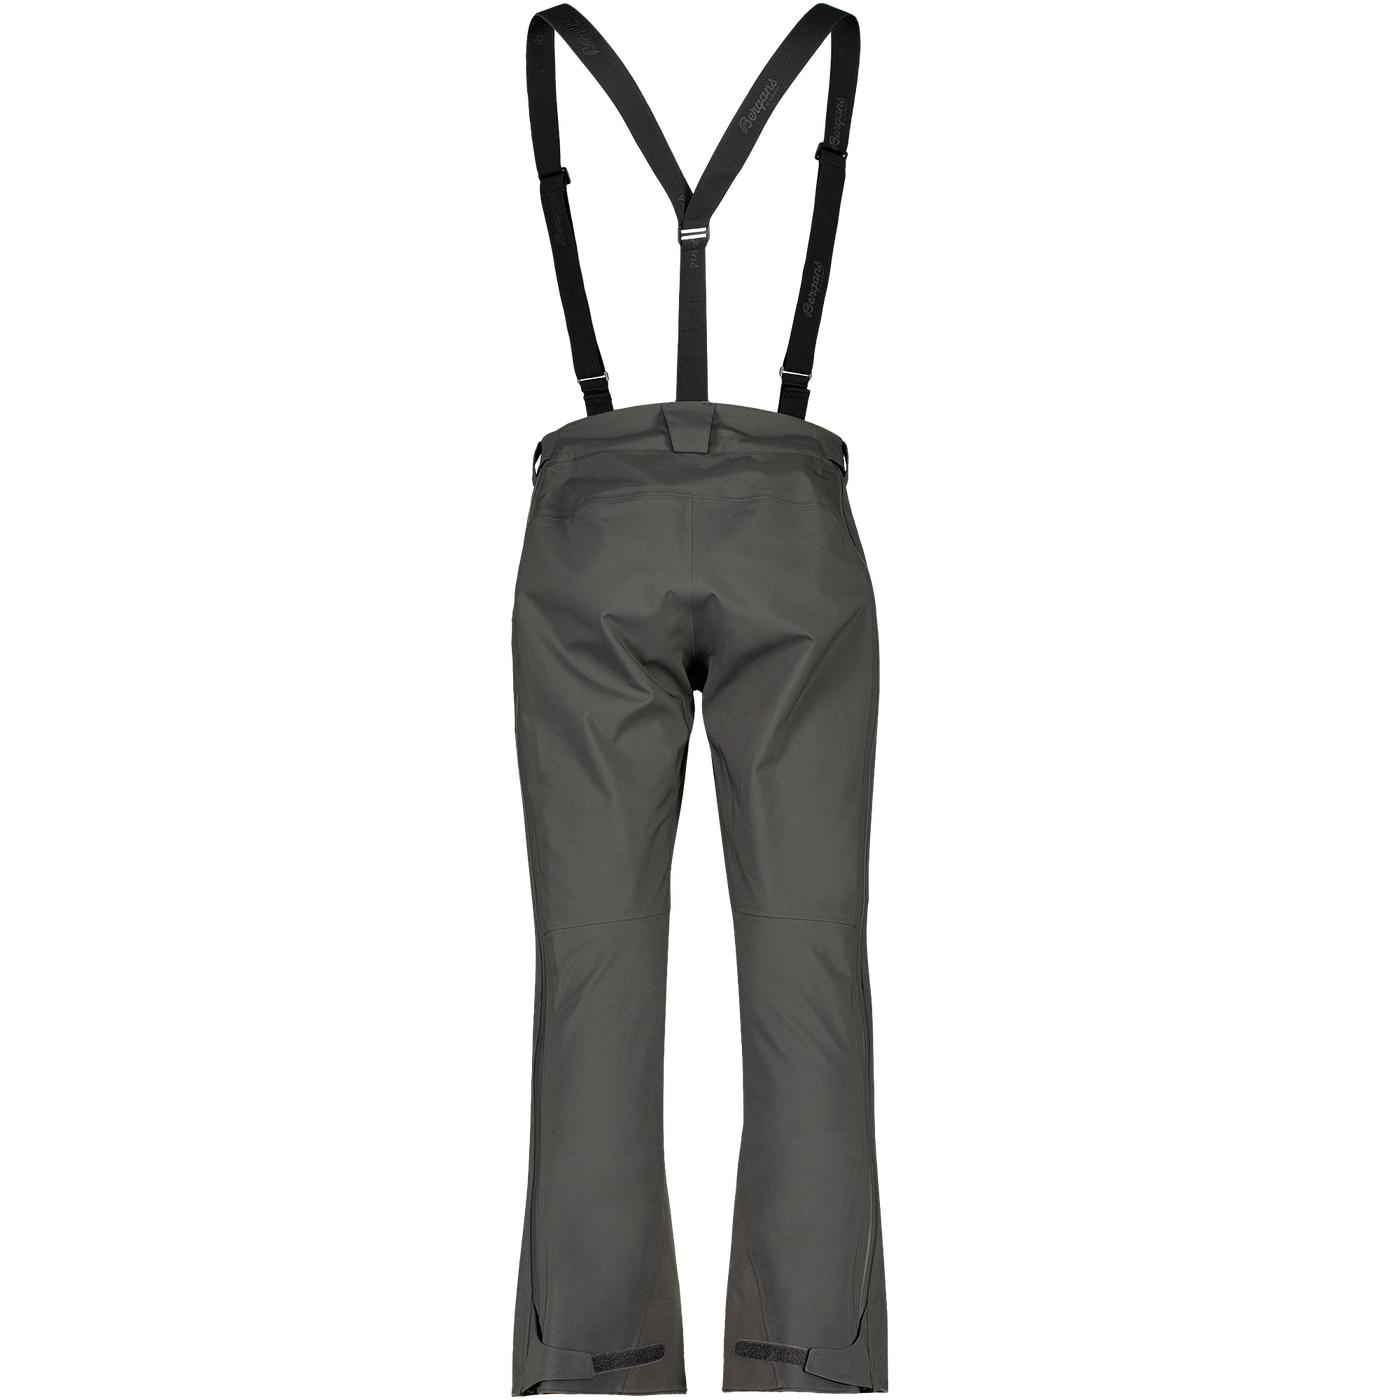 Romsdal Pro 3L Pants